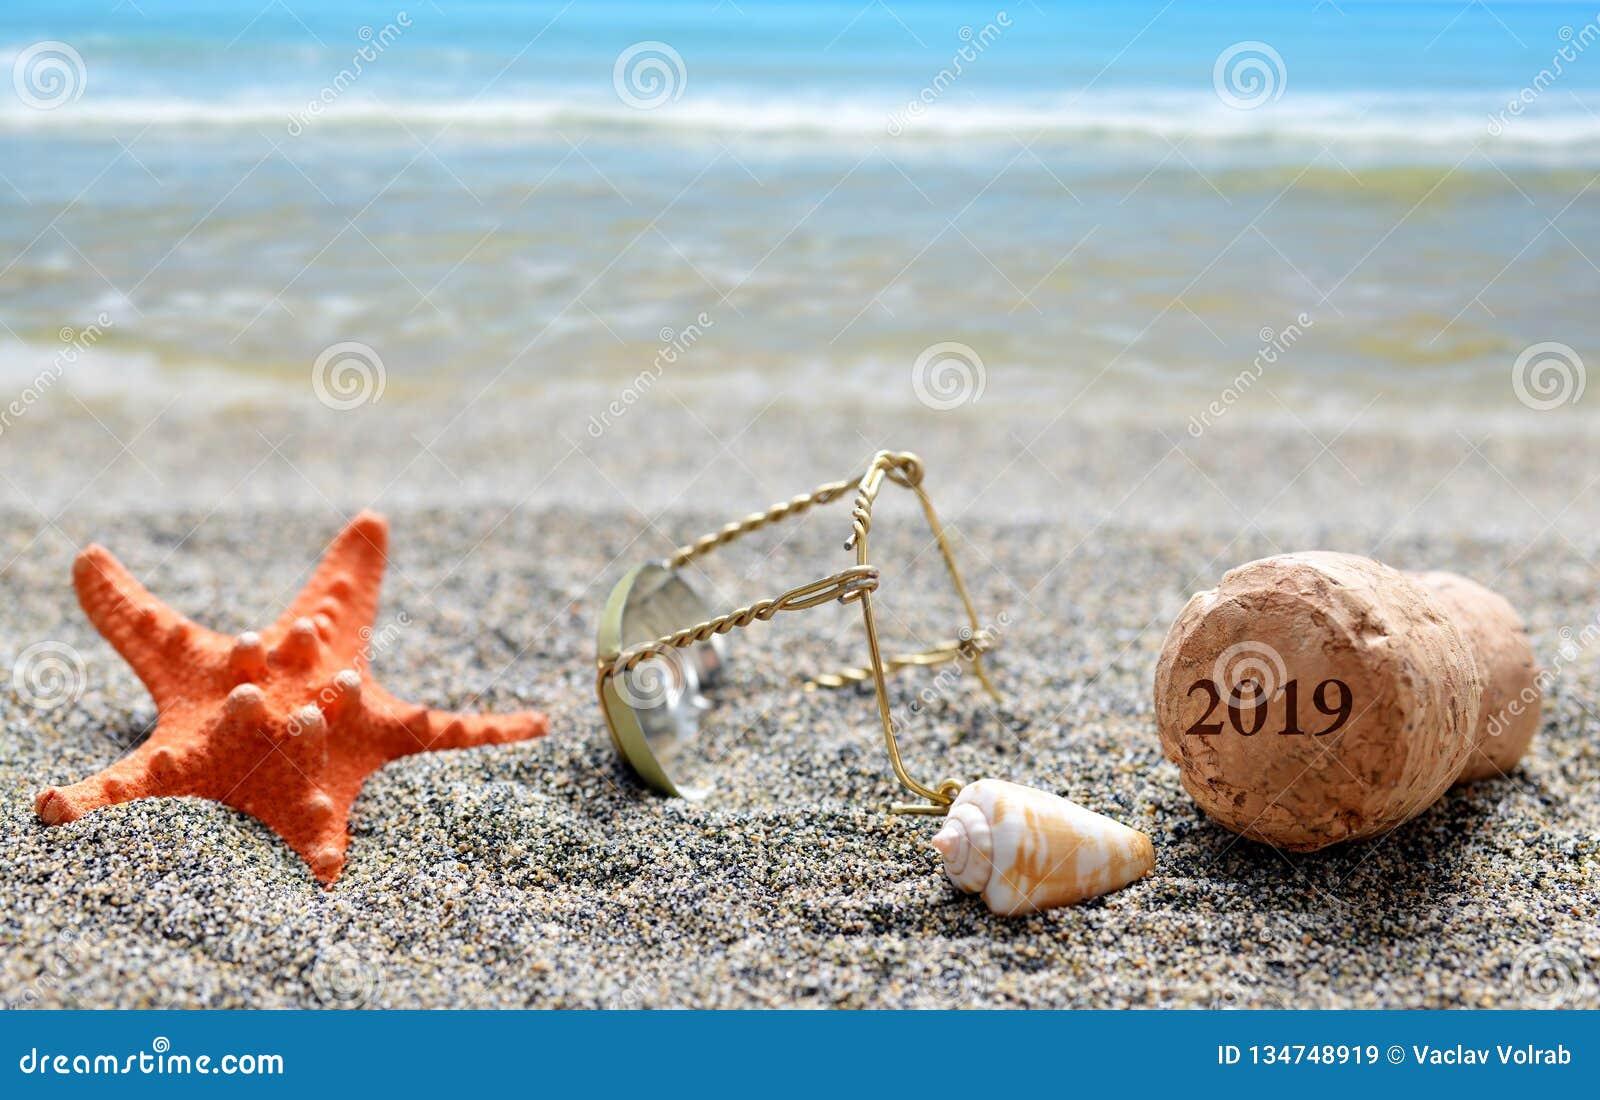 Korkpropp av champagne med numret 2019 och snäckskalet med sjöstjärnan på sandstranden